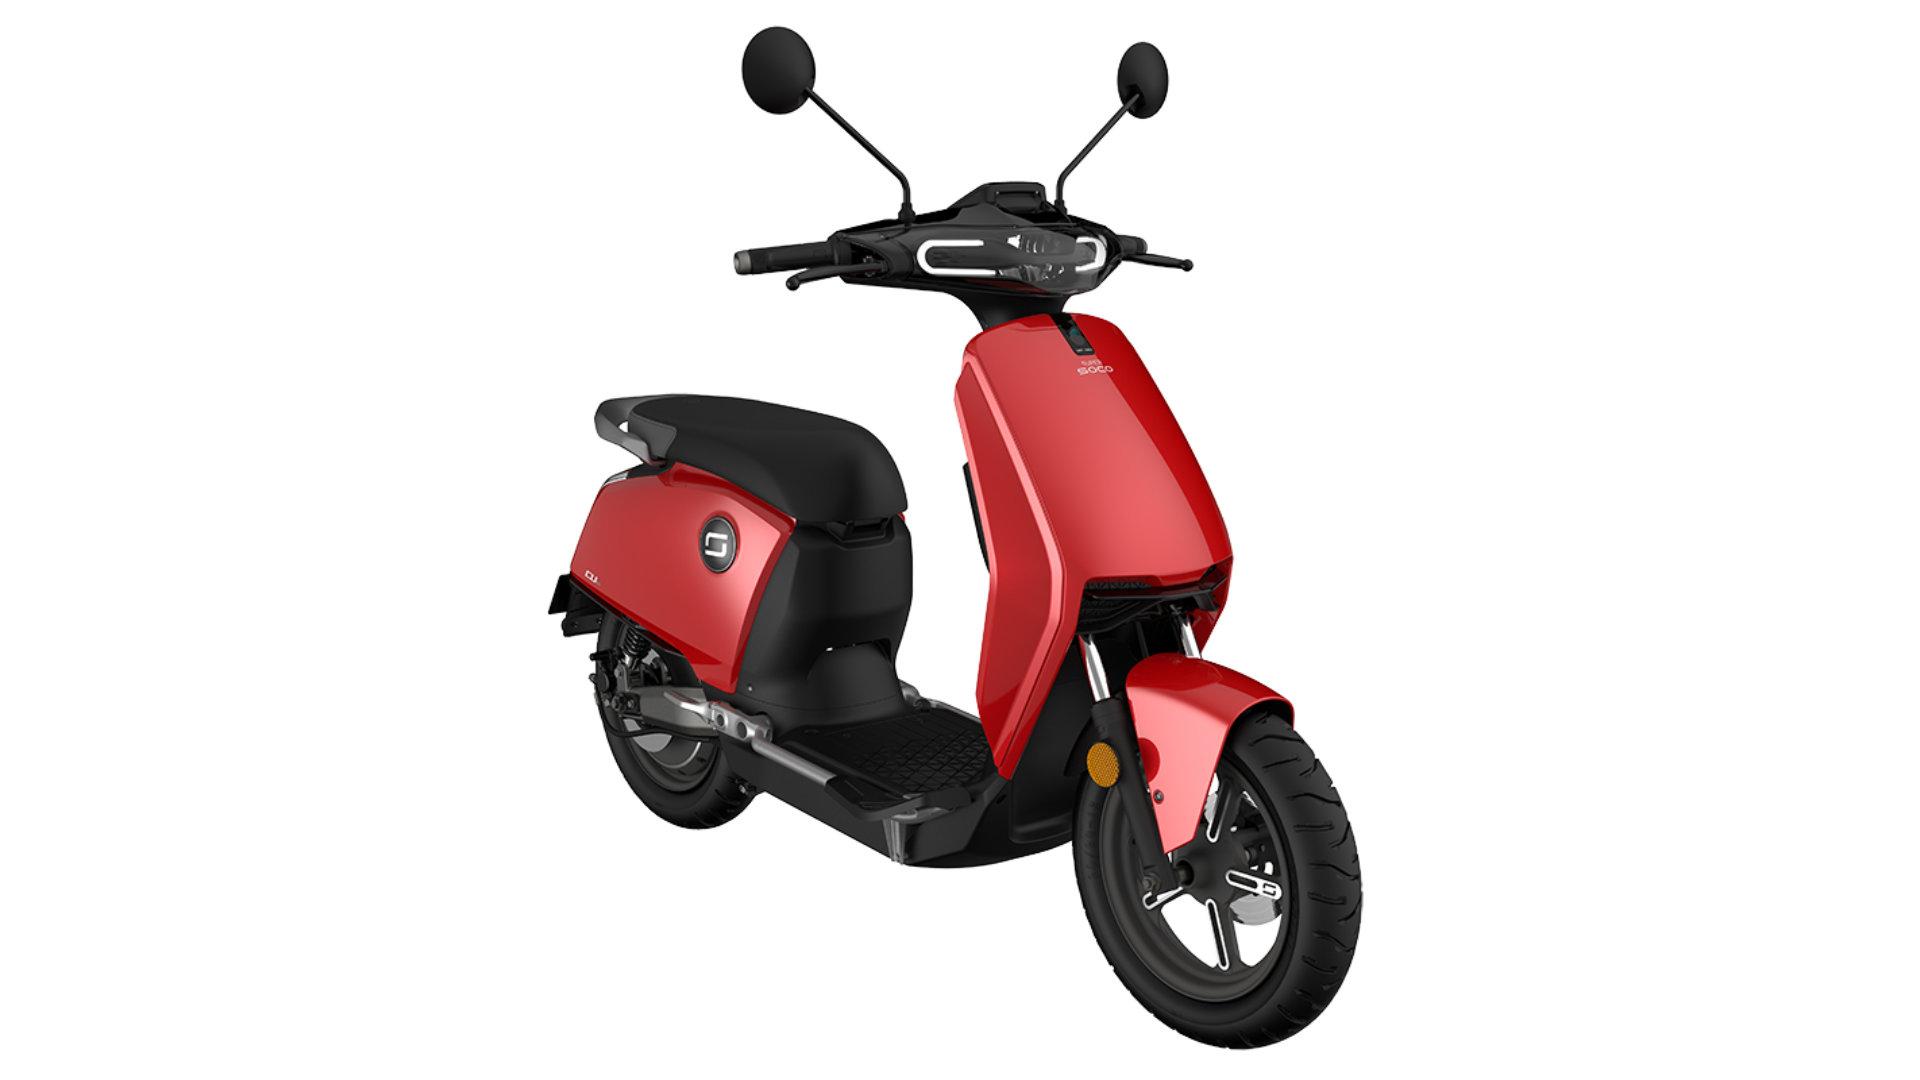 Quel Est Le Meilleur Scooter Electrique A Acheter En 2019